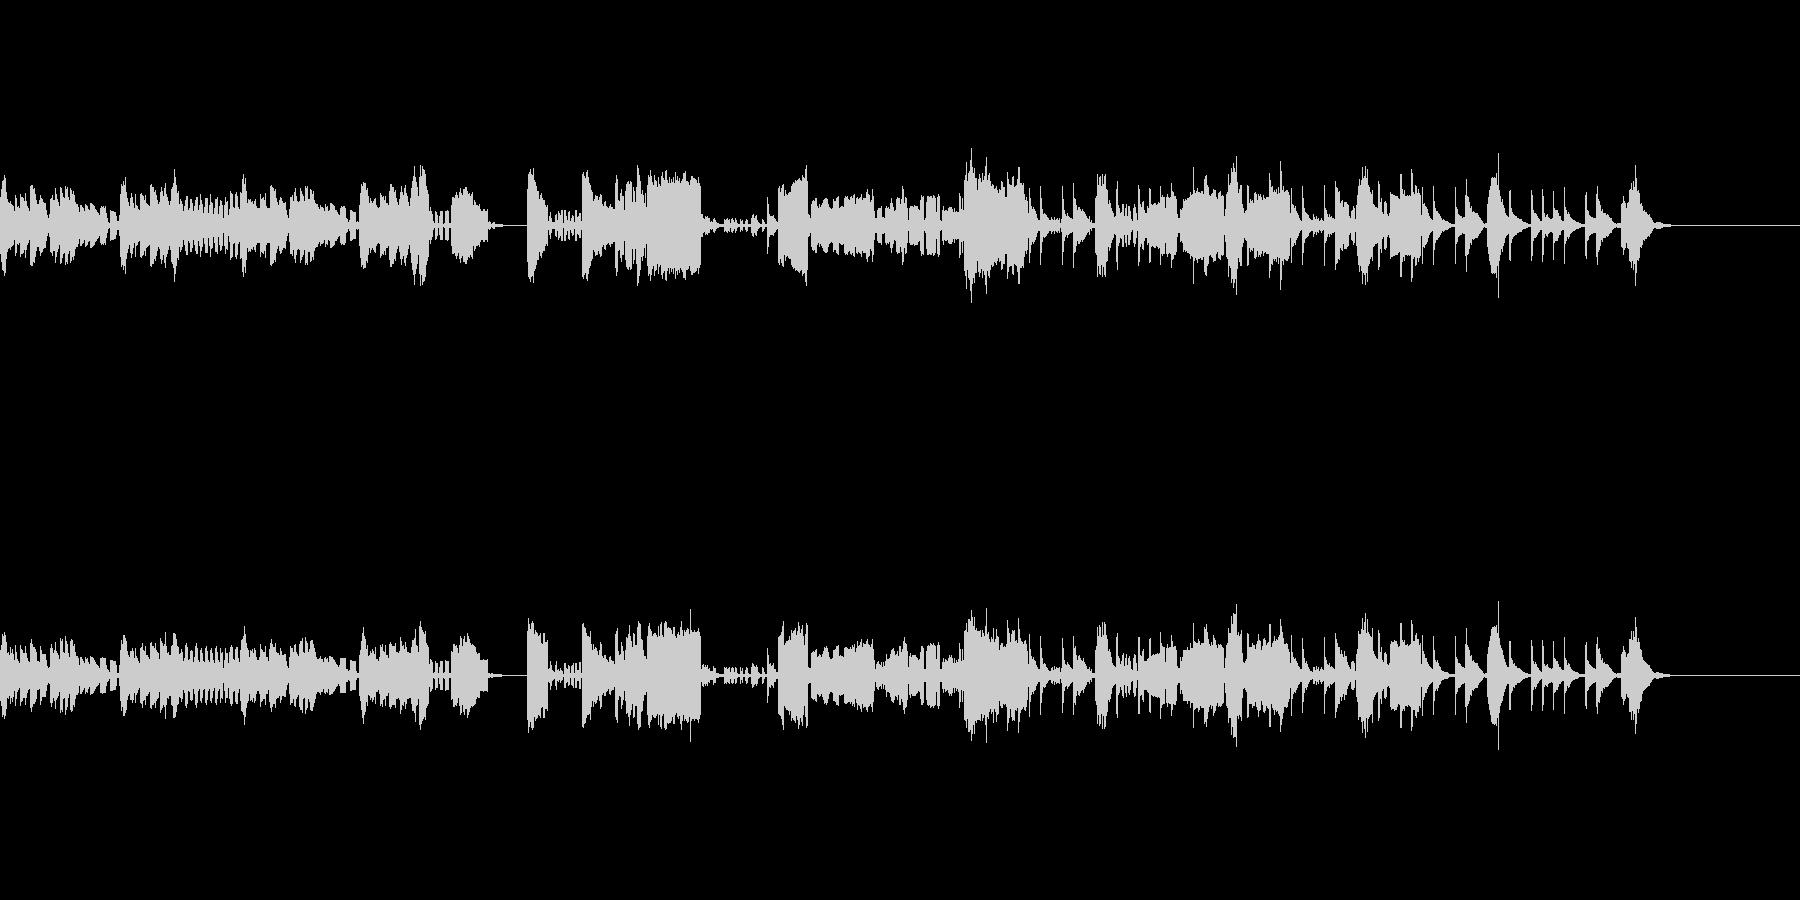 オーボエ・ファゴットが中心のアンサンブルの未再生の波形